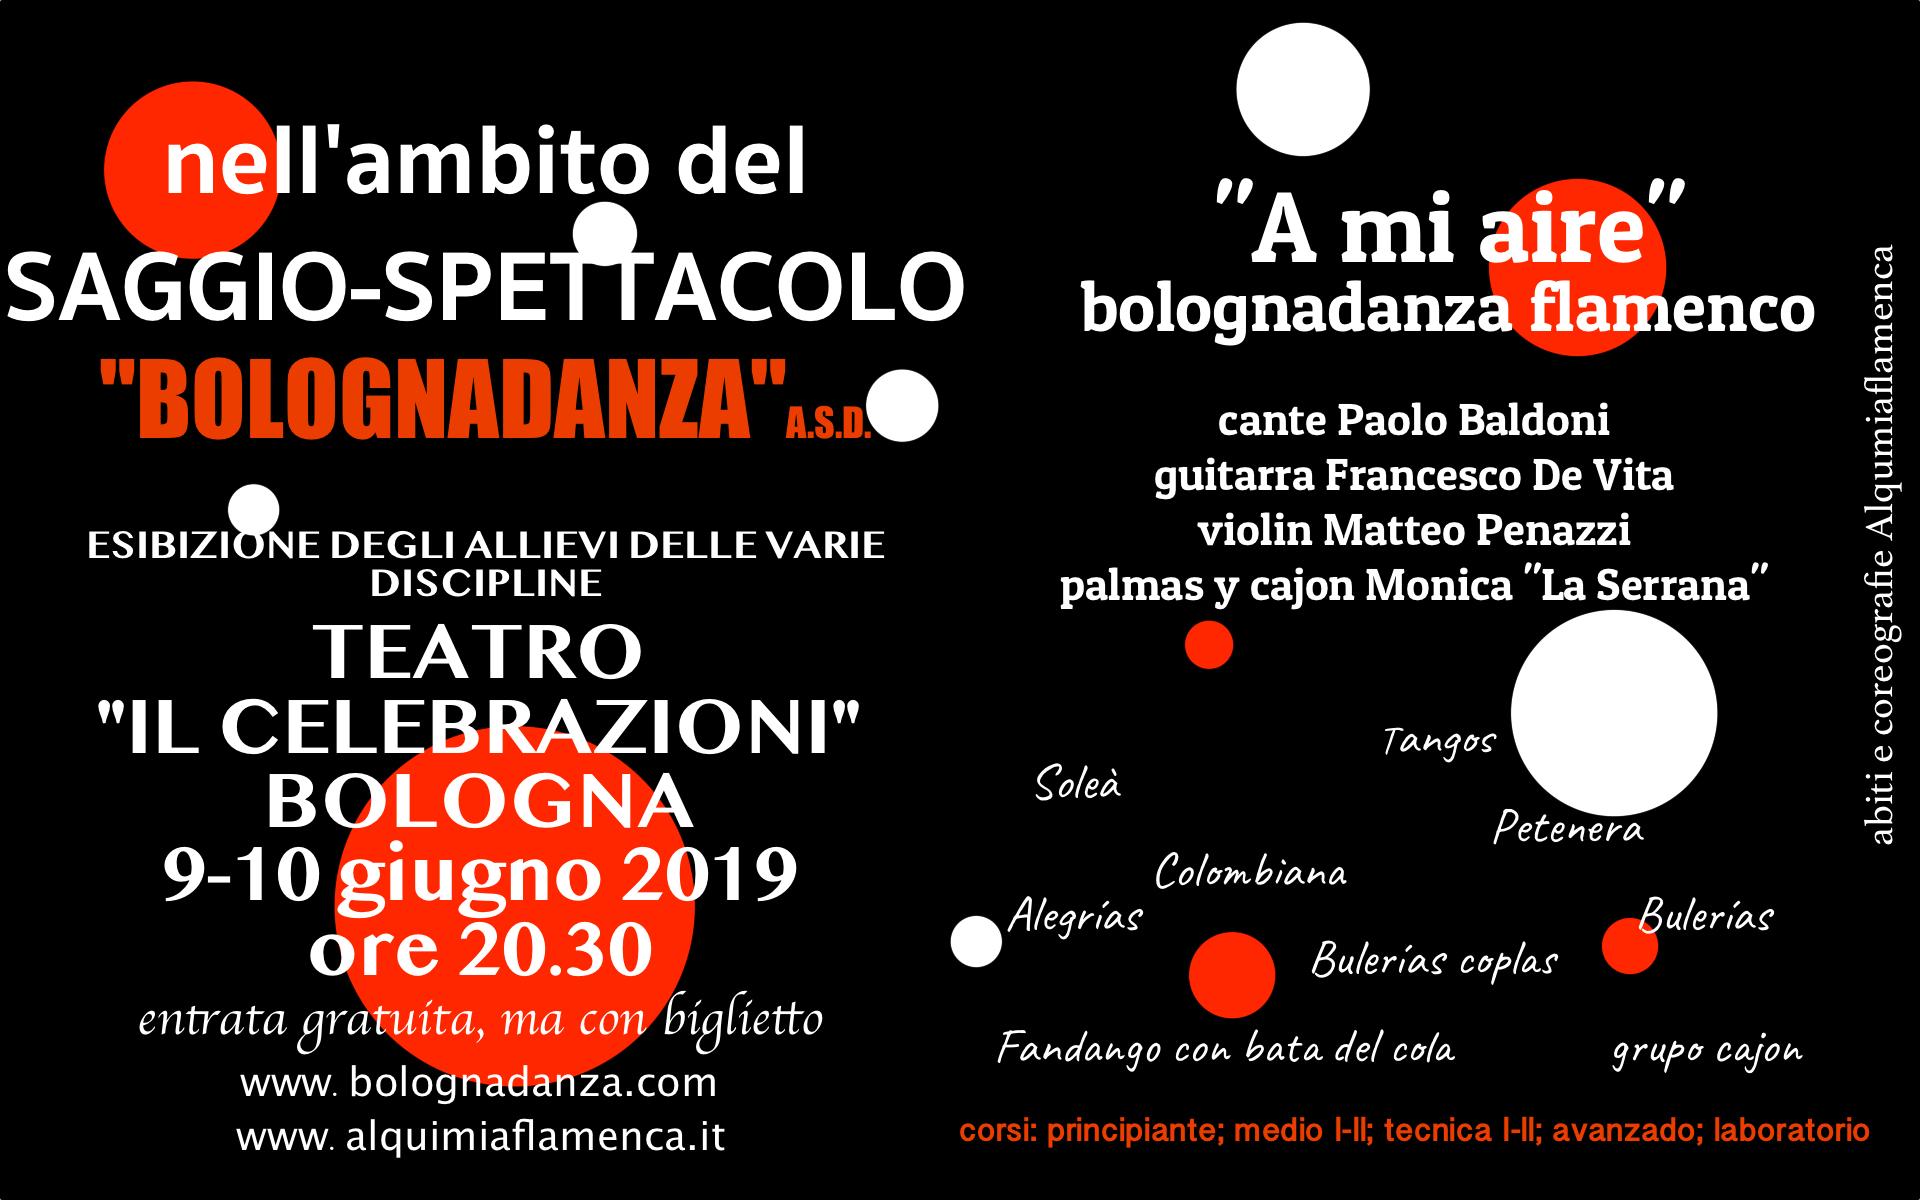 saggio spettacolo bolognadanza 2019